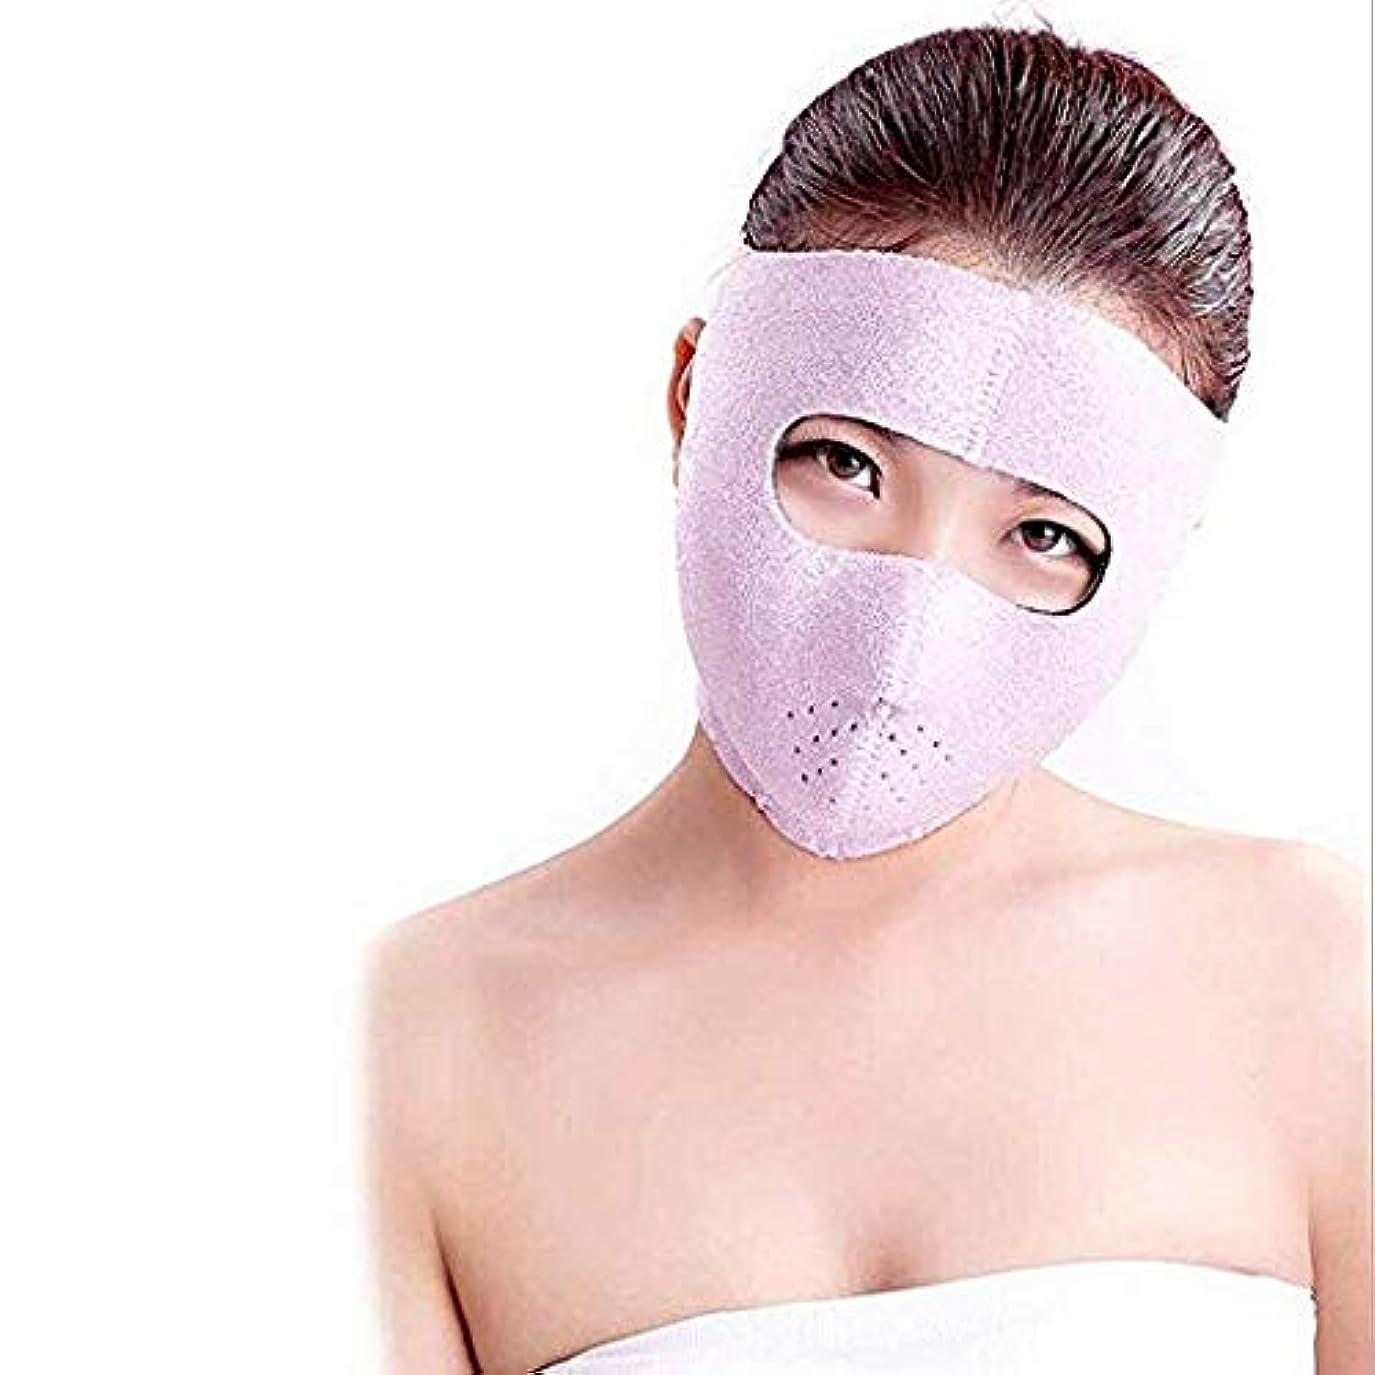 命題主背の高い小顔ベルト 薄い顔ベルト マスク 矯正 美顔 顔痩せ 日焼け防止 全顔カバー レディ 防尘 通気性 顔保護 顔美容 全顔包帯 耳かけ 全顔 日遮る 額かばう フェイスパック